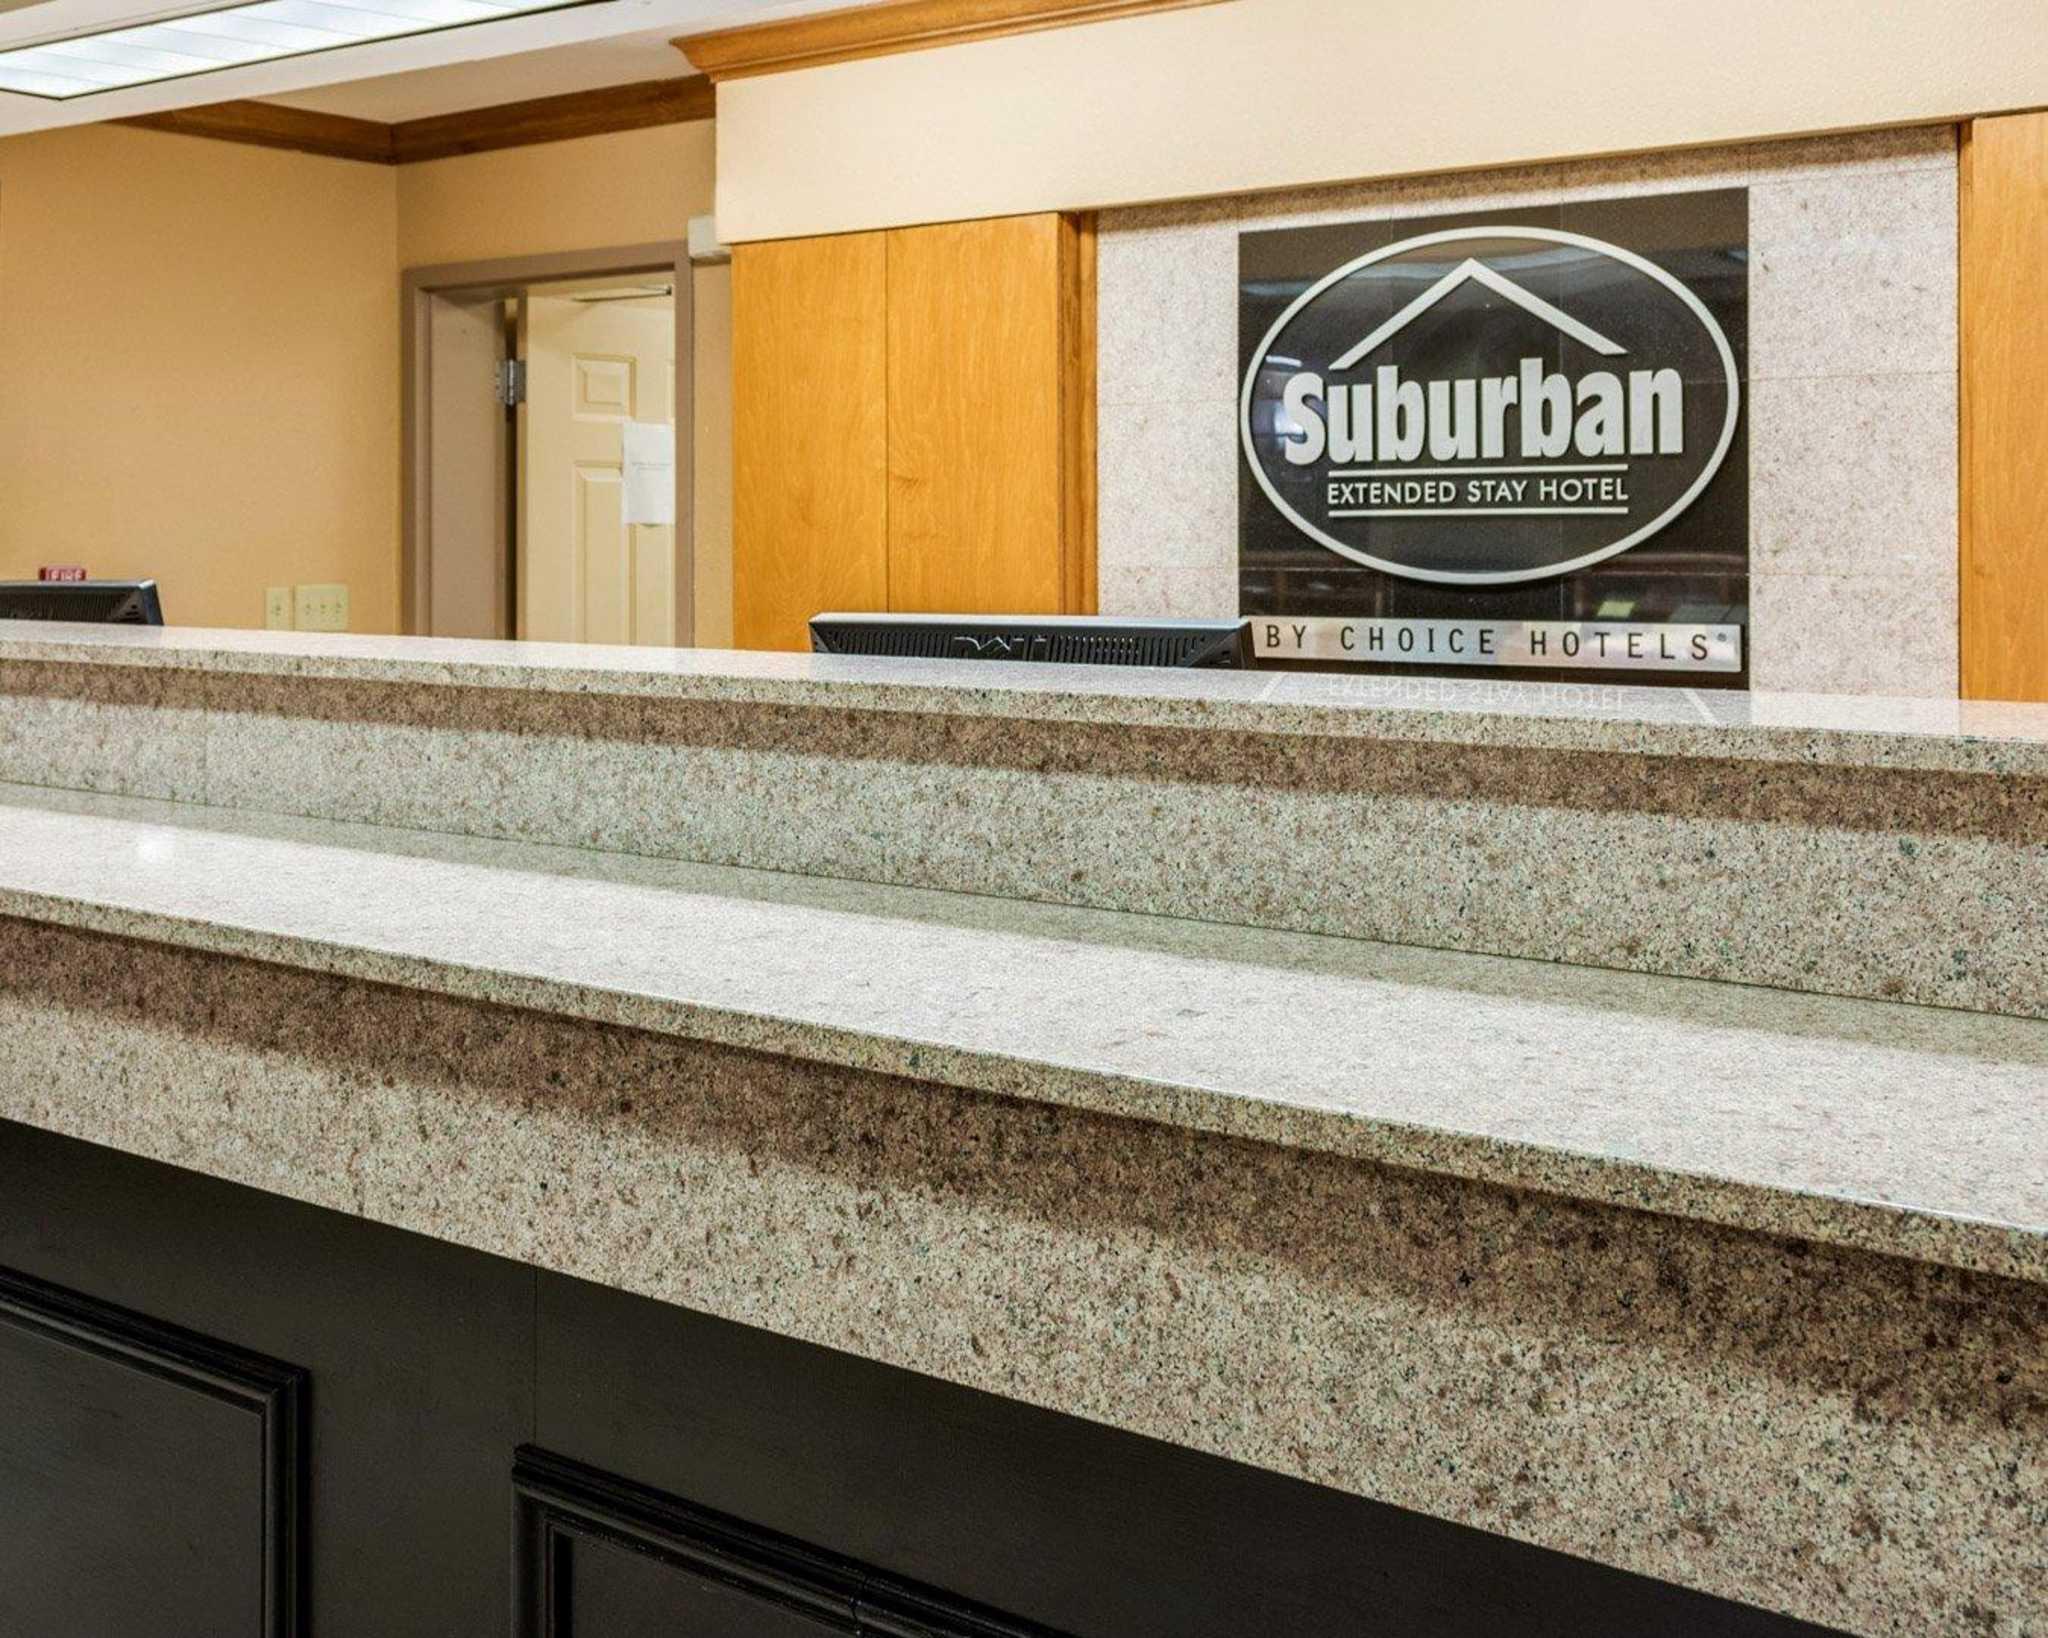 Suburban Extended Stay Hotel  Avondale Louisiana  La